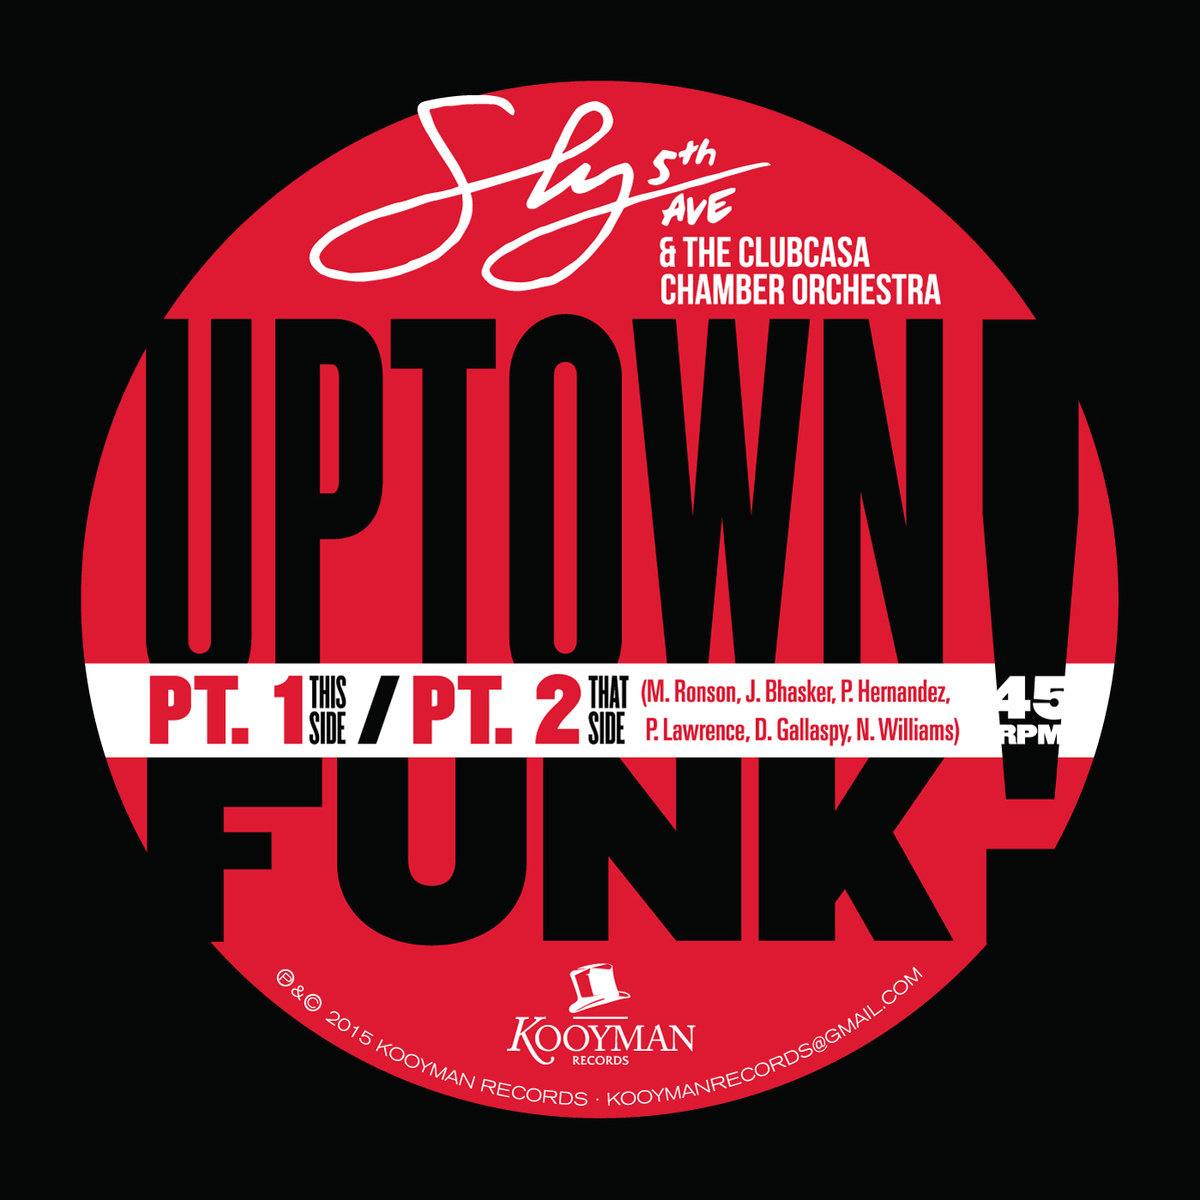 Uptown Funk Mrjatt: Uptown Funk (Extended Mix)